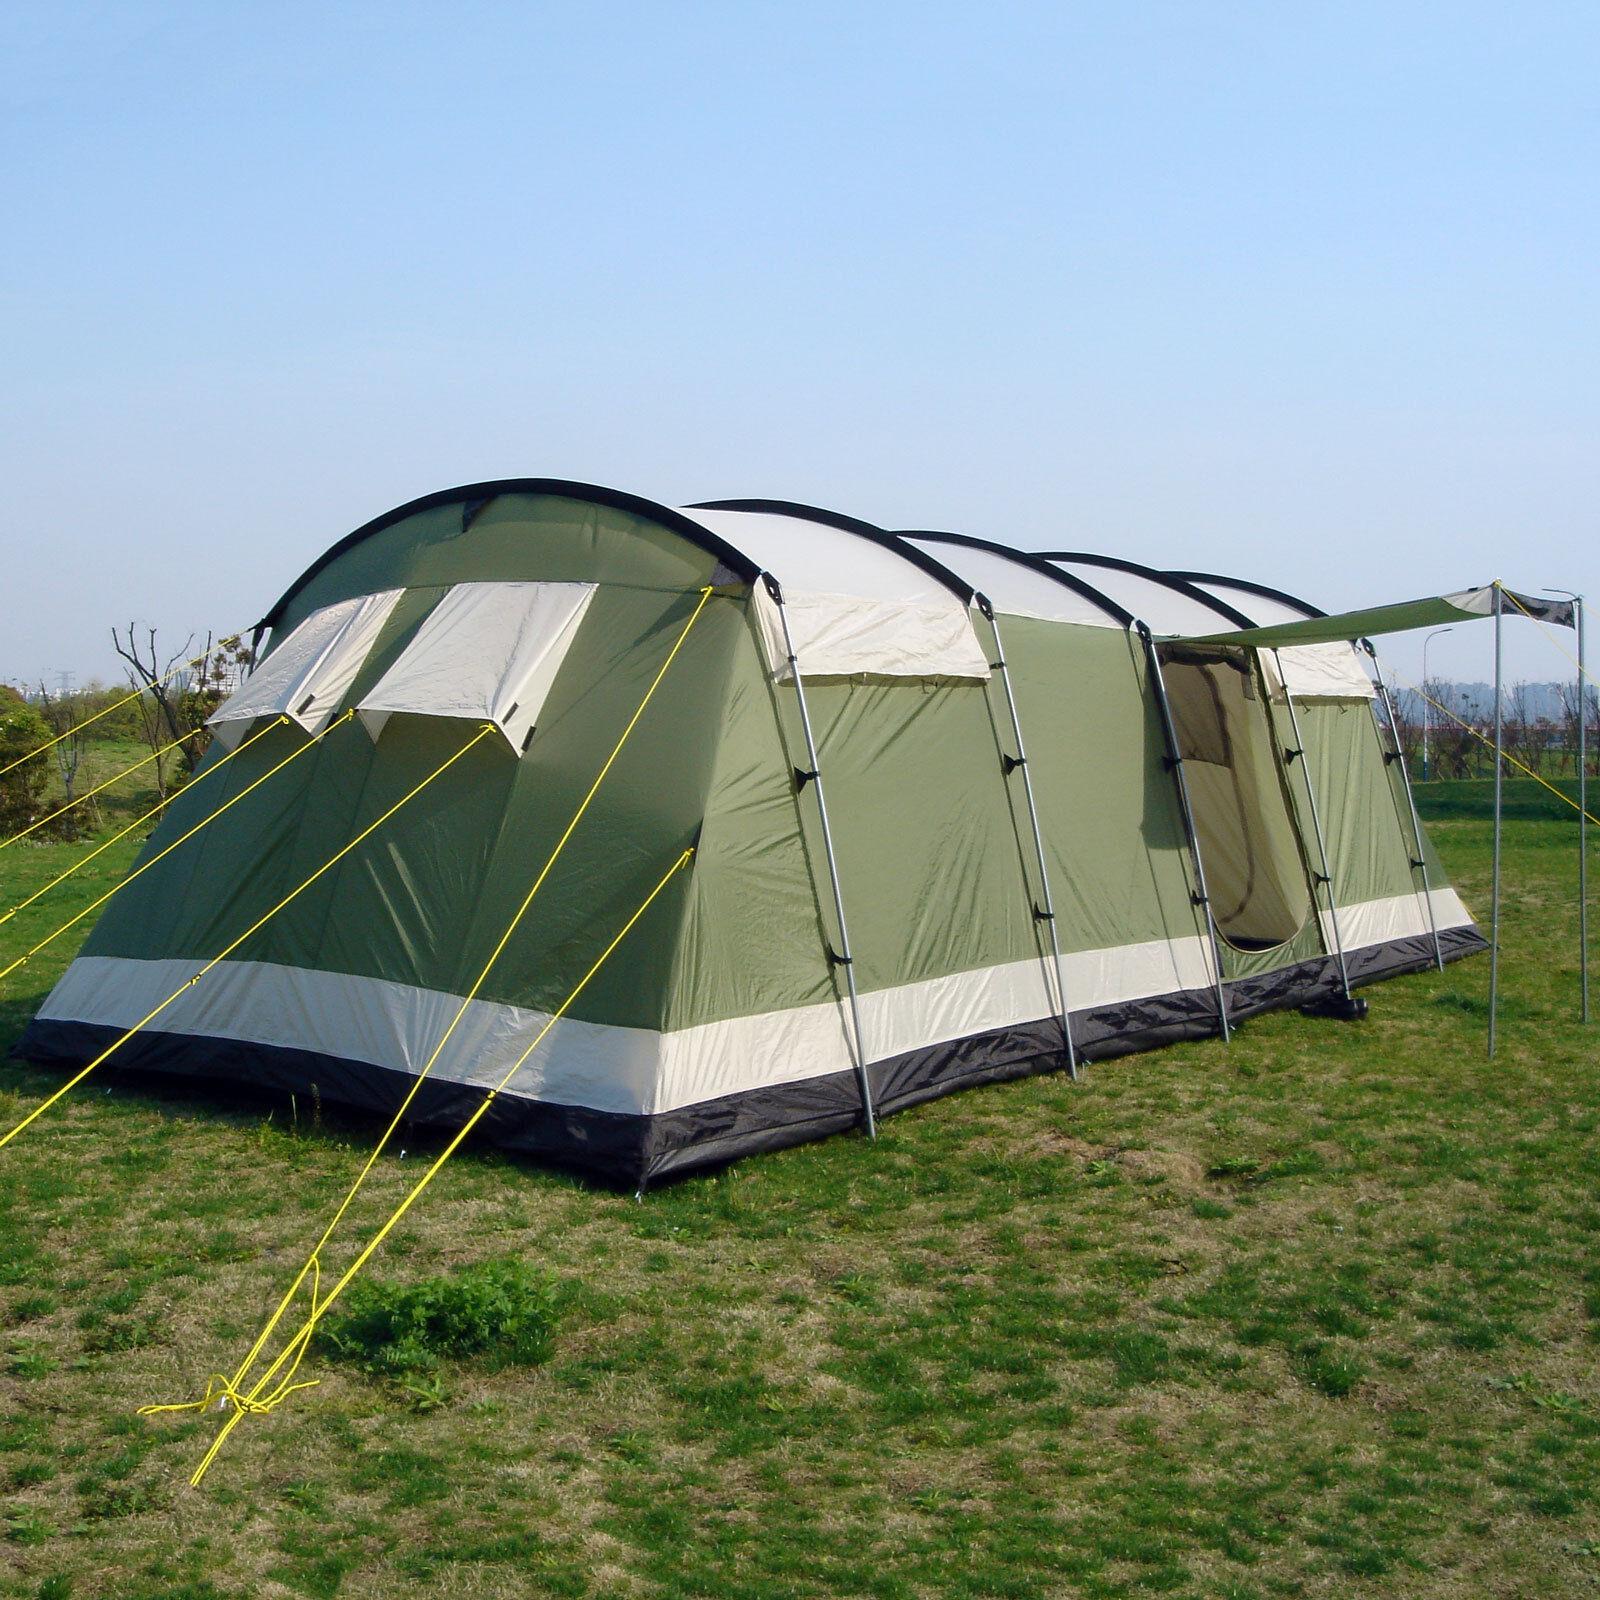 Skeika Milano 10 pers tenda campeggio tunnel 700x240cm zanzariera verde nuova